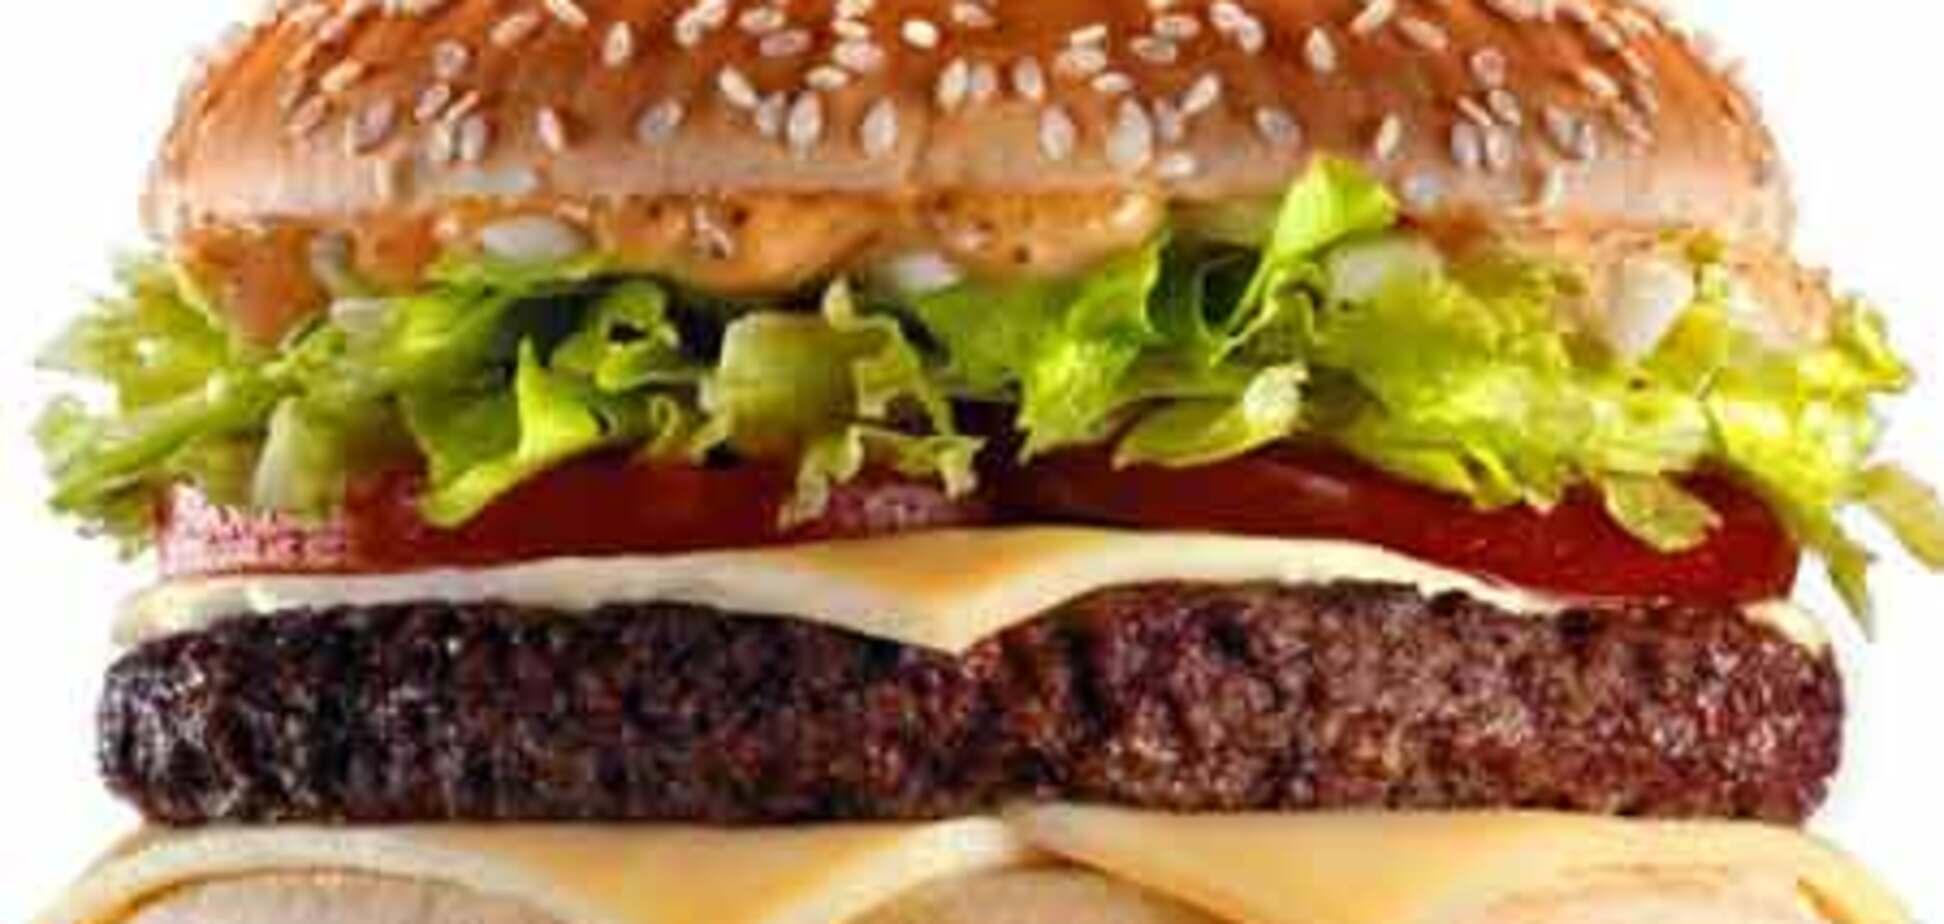 Британец получил $1 млн за отравление гамбургером